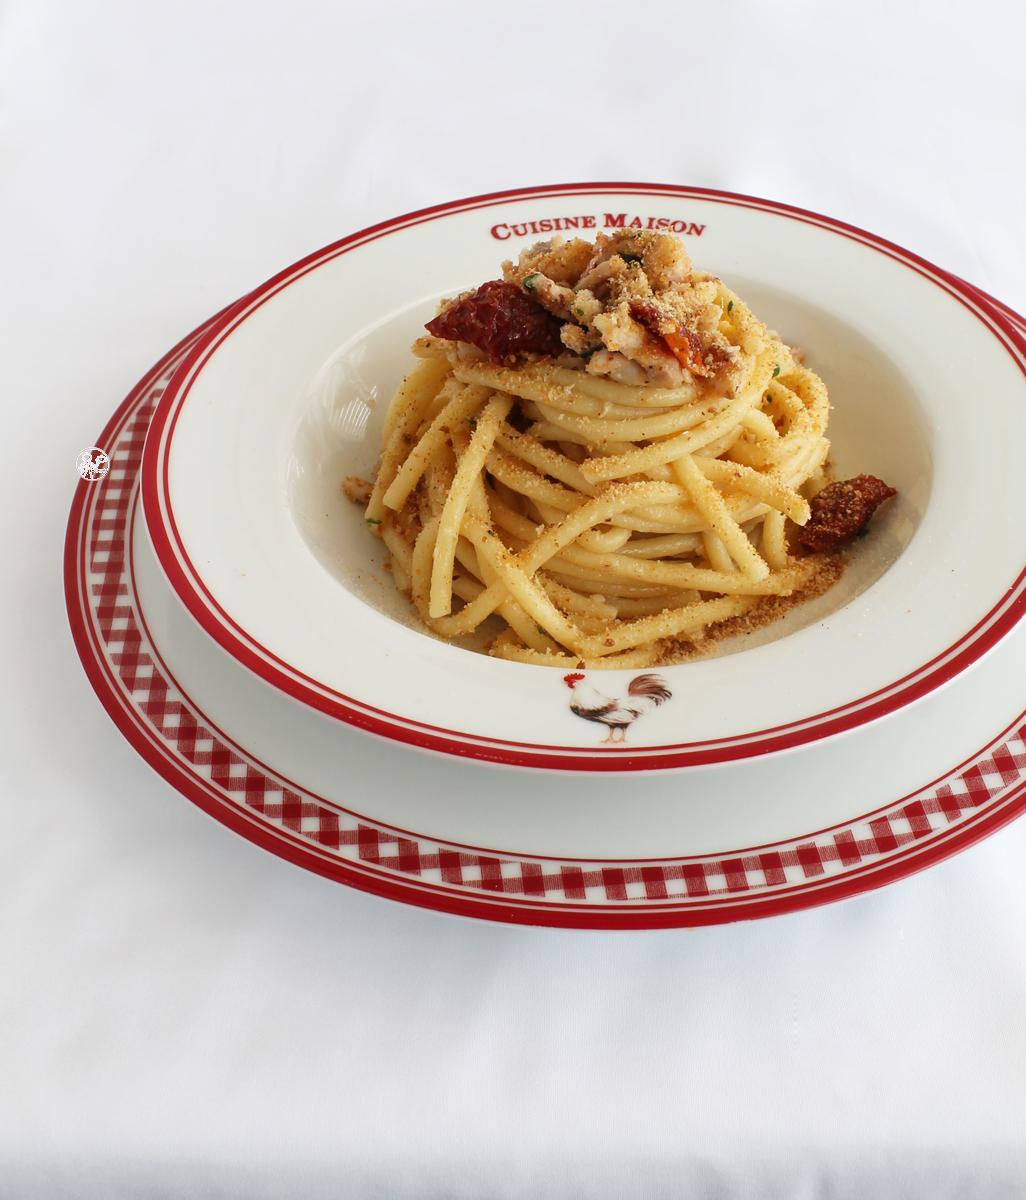 Bucatinis avec rougets et tomates confites sans gluten - La Cassata Celiaca